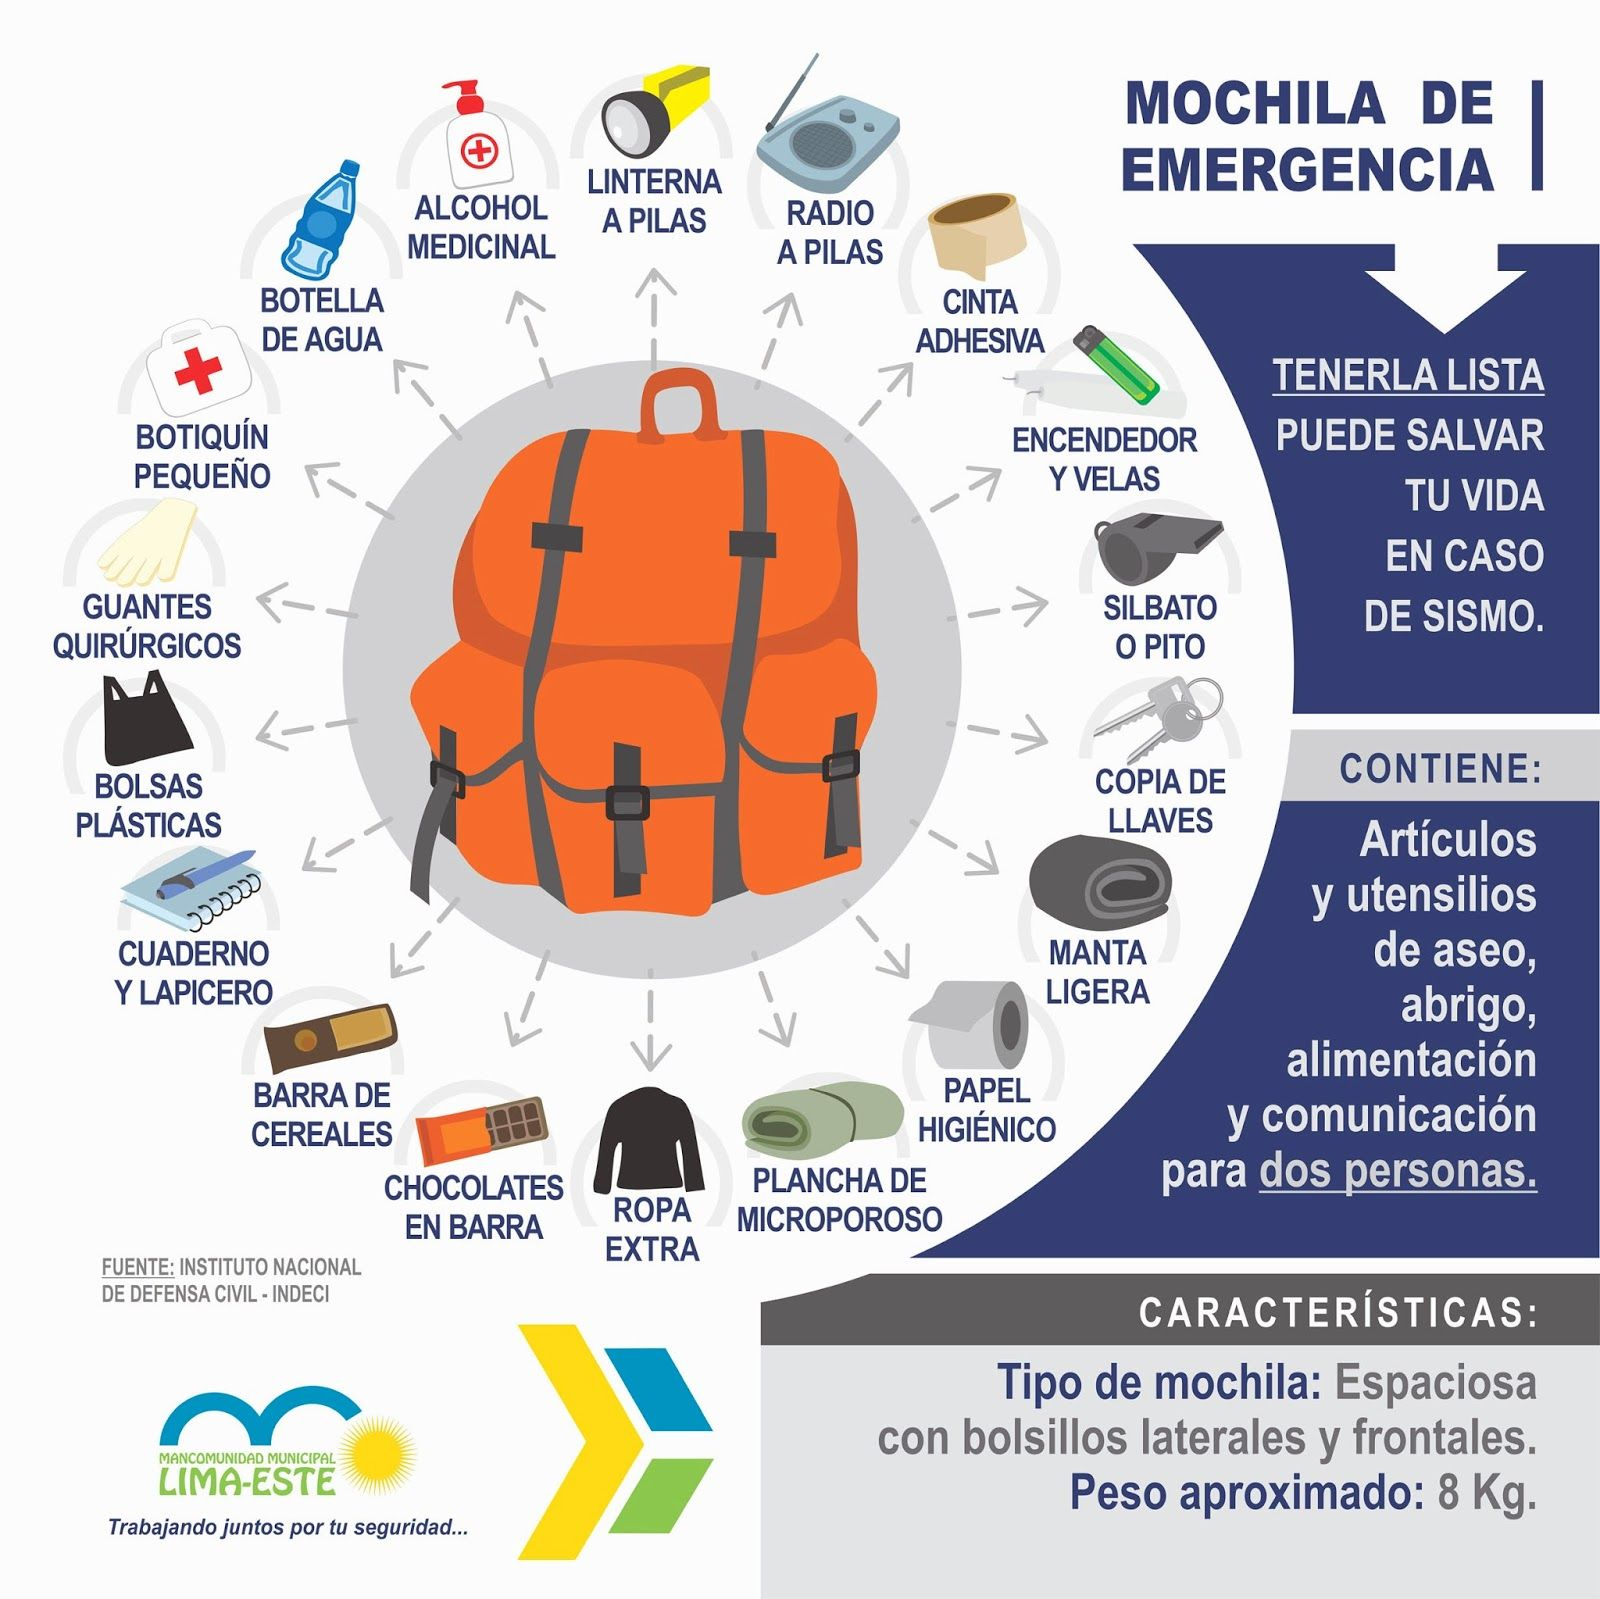 Resultado de imagen para infografias mochila de emergencia